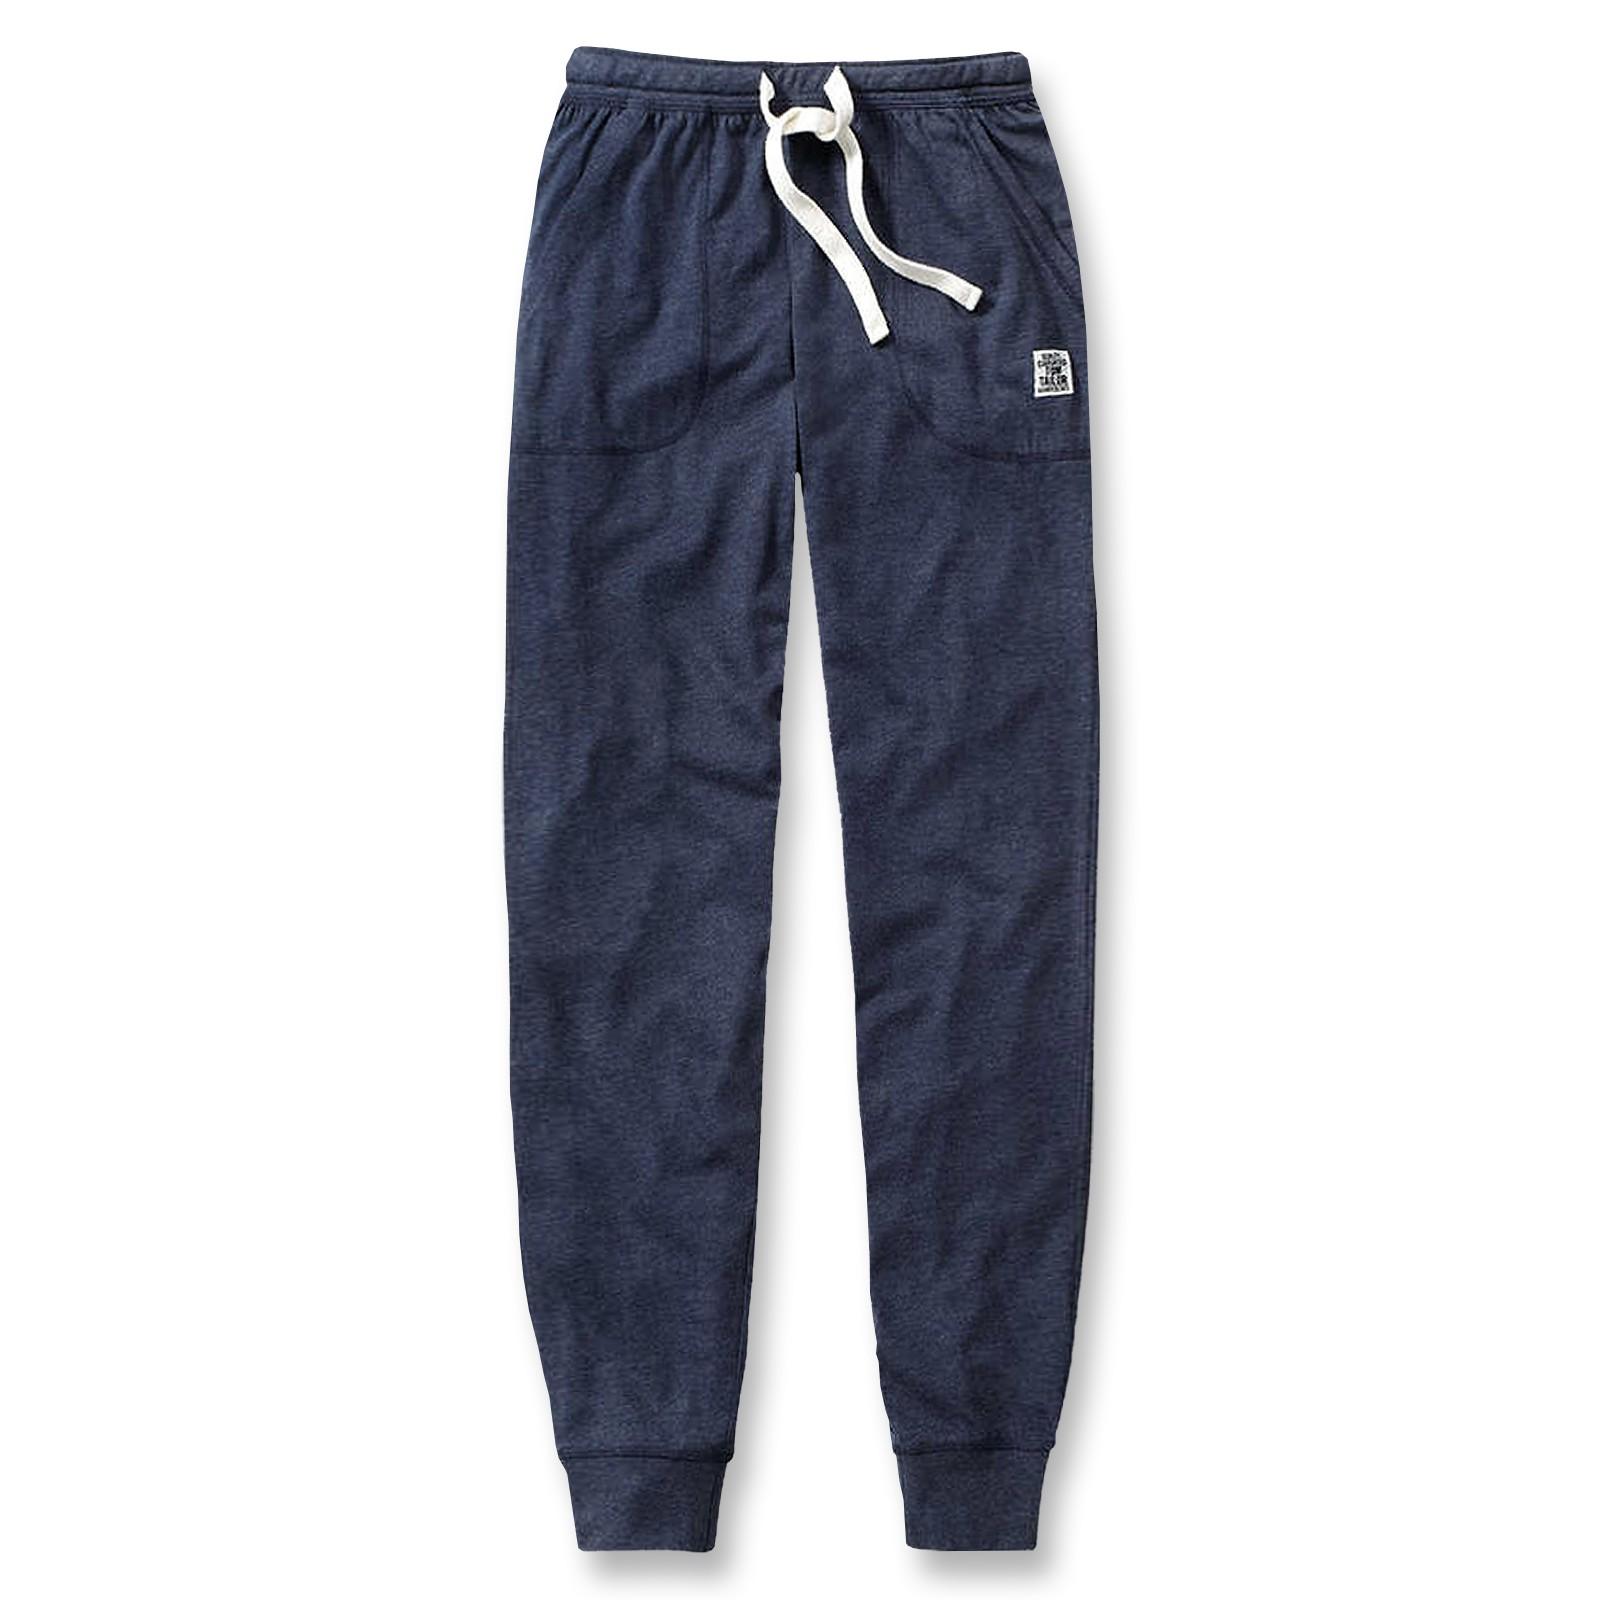 Tom Tailor Herren Pyjamahose lang Homewear Schlafanzug Hose 70854 in blue melange